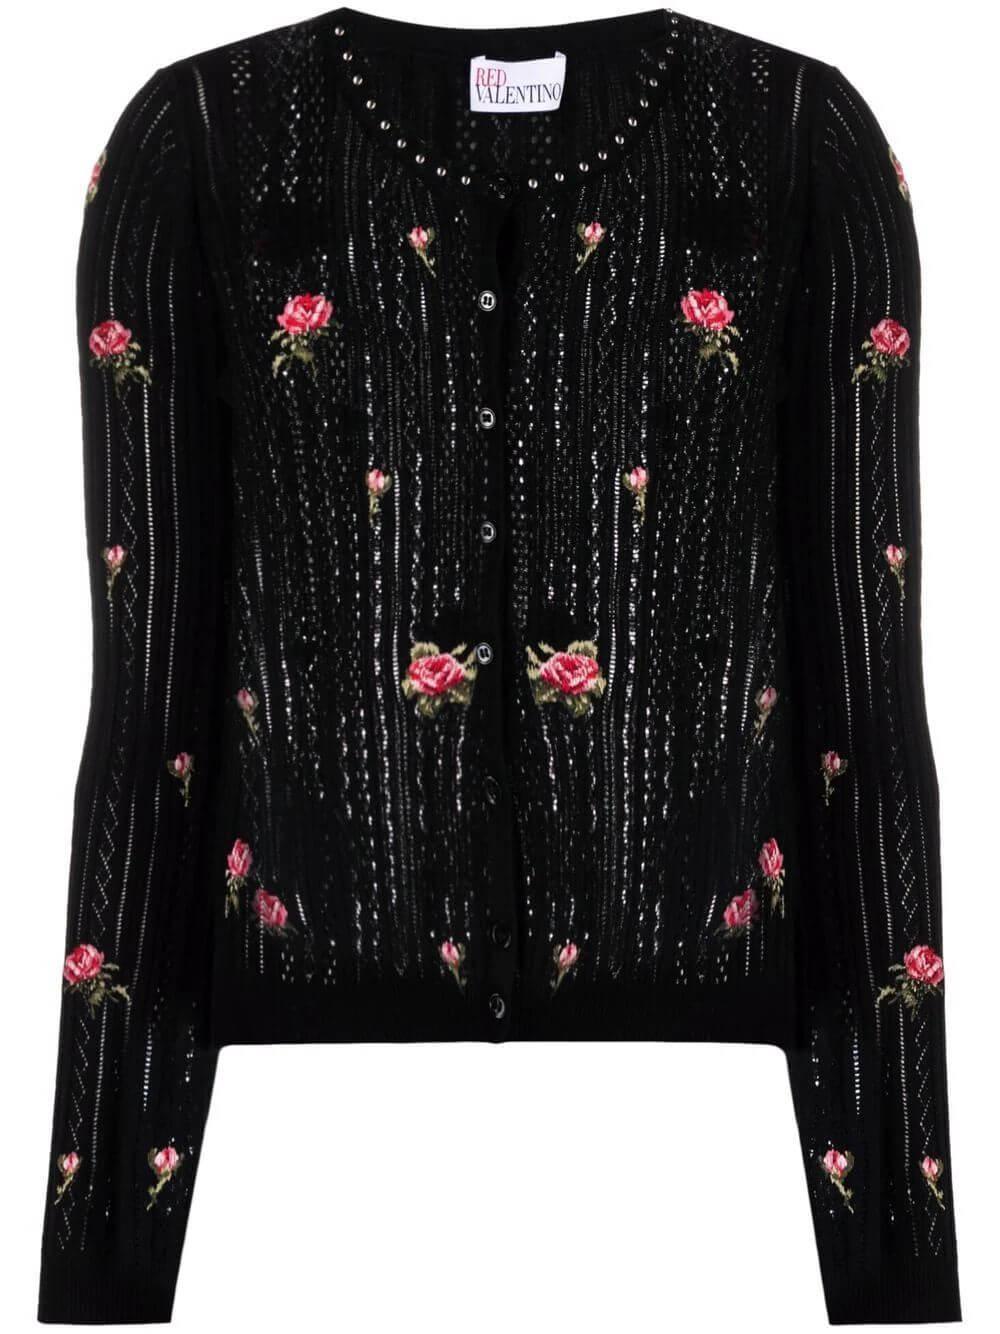 Floral Applique Cardigan Item # WR3KA02Q644